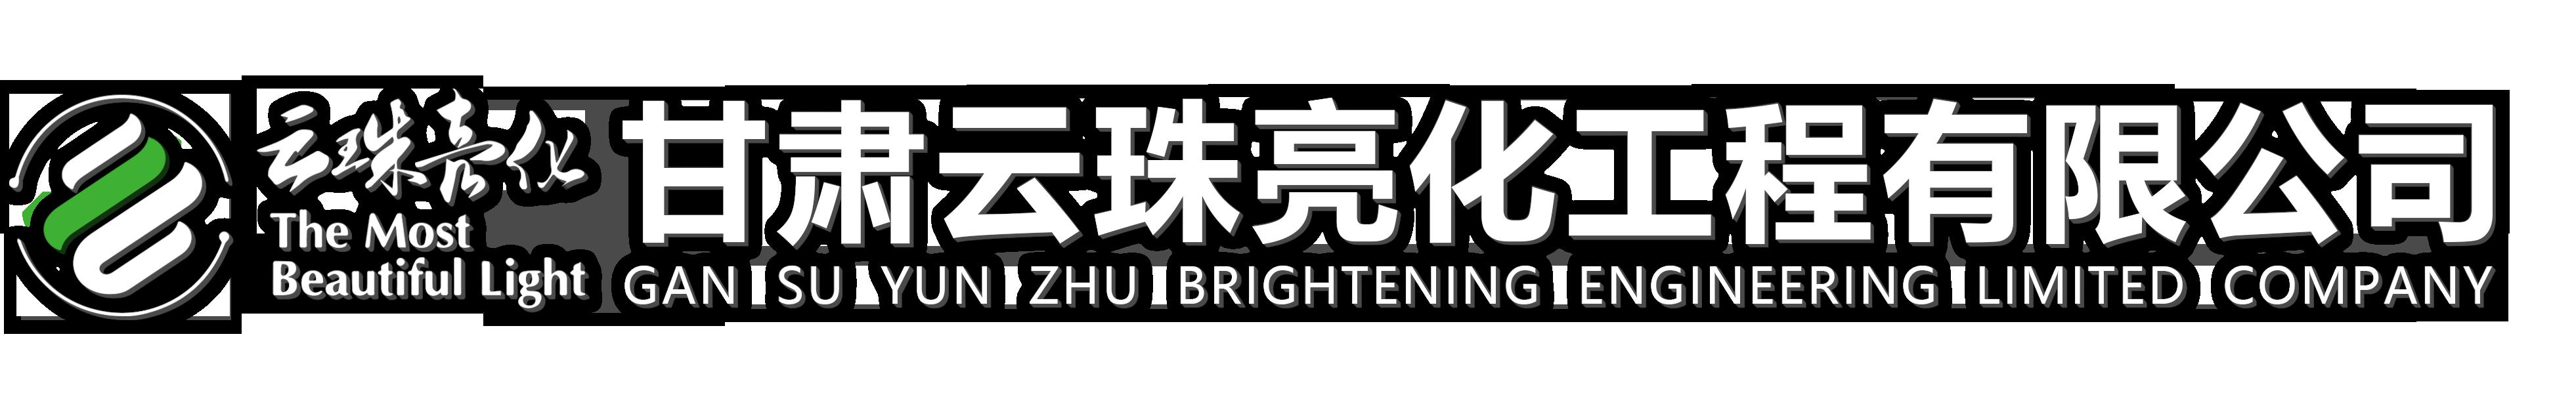 甘肅云珠亮化工程有限公司